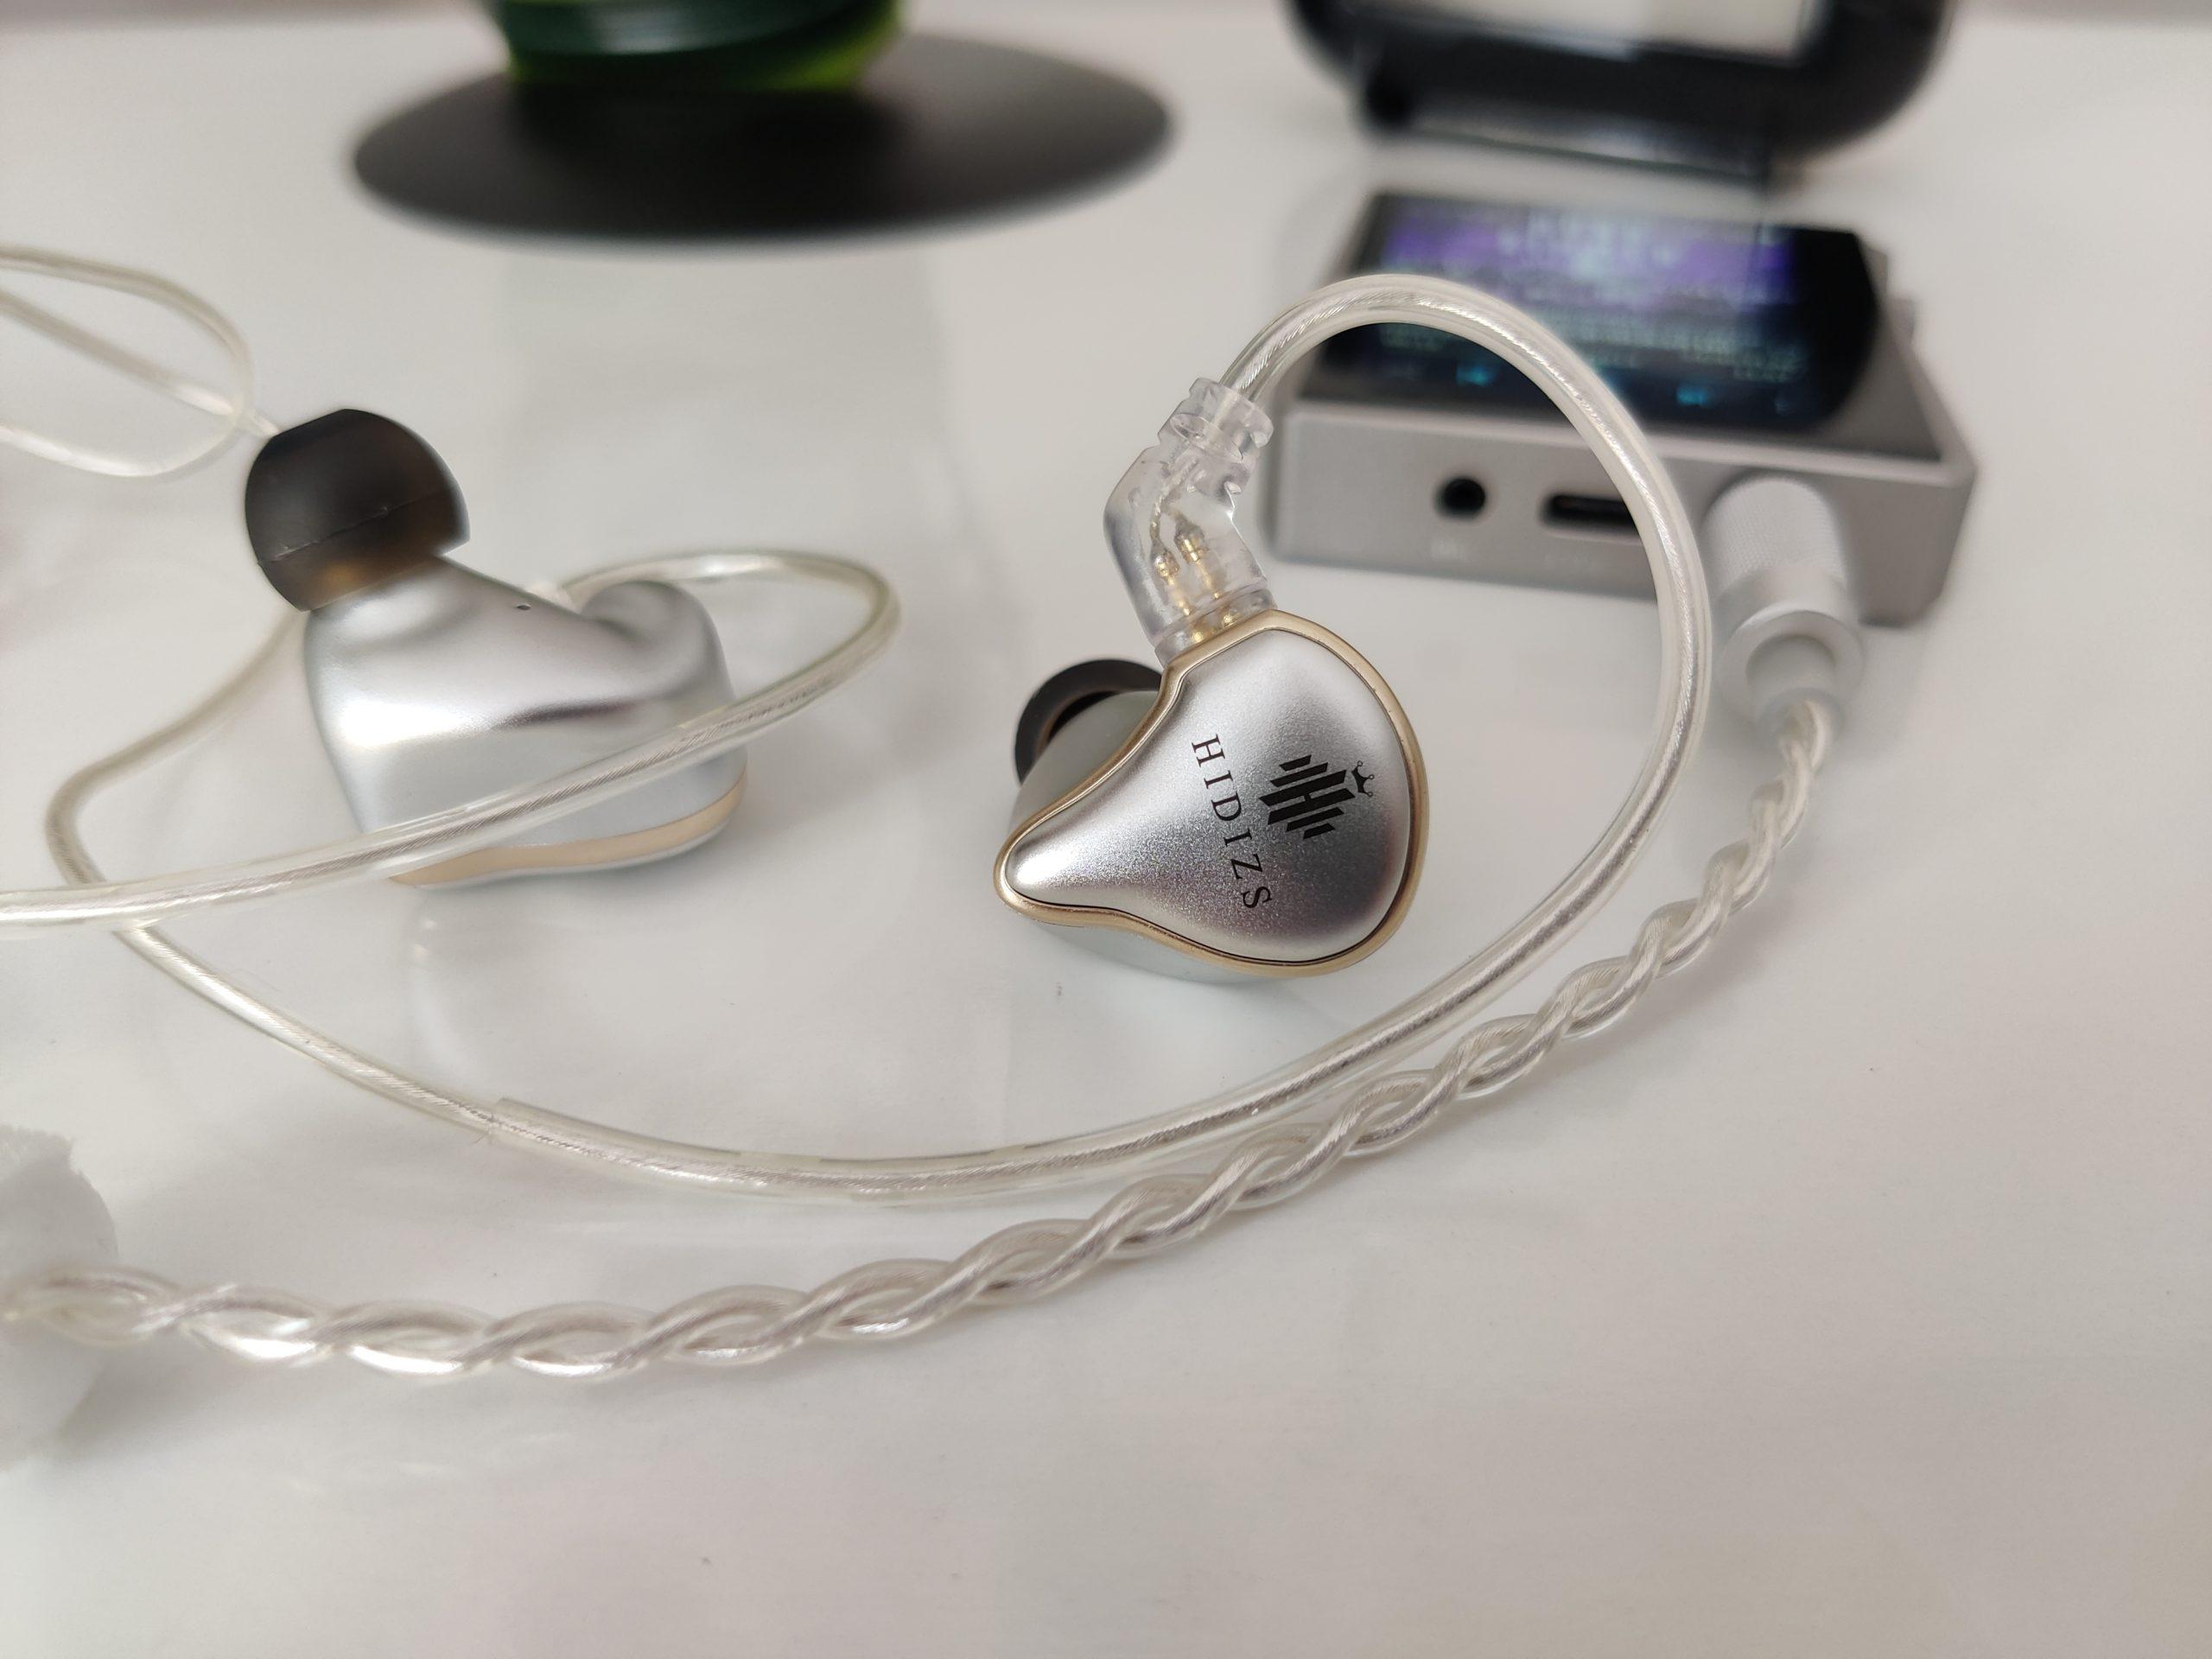 Hidizs MS1 qualité audio